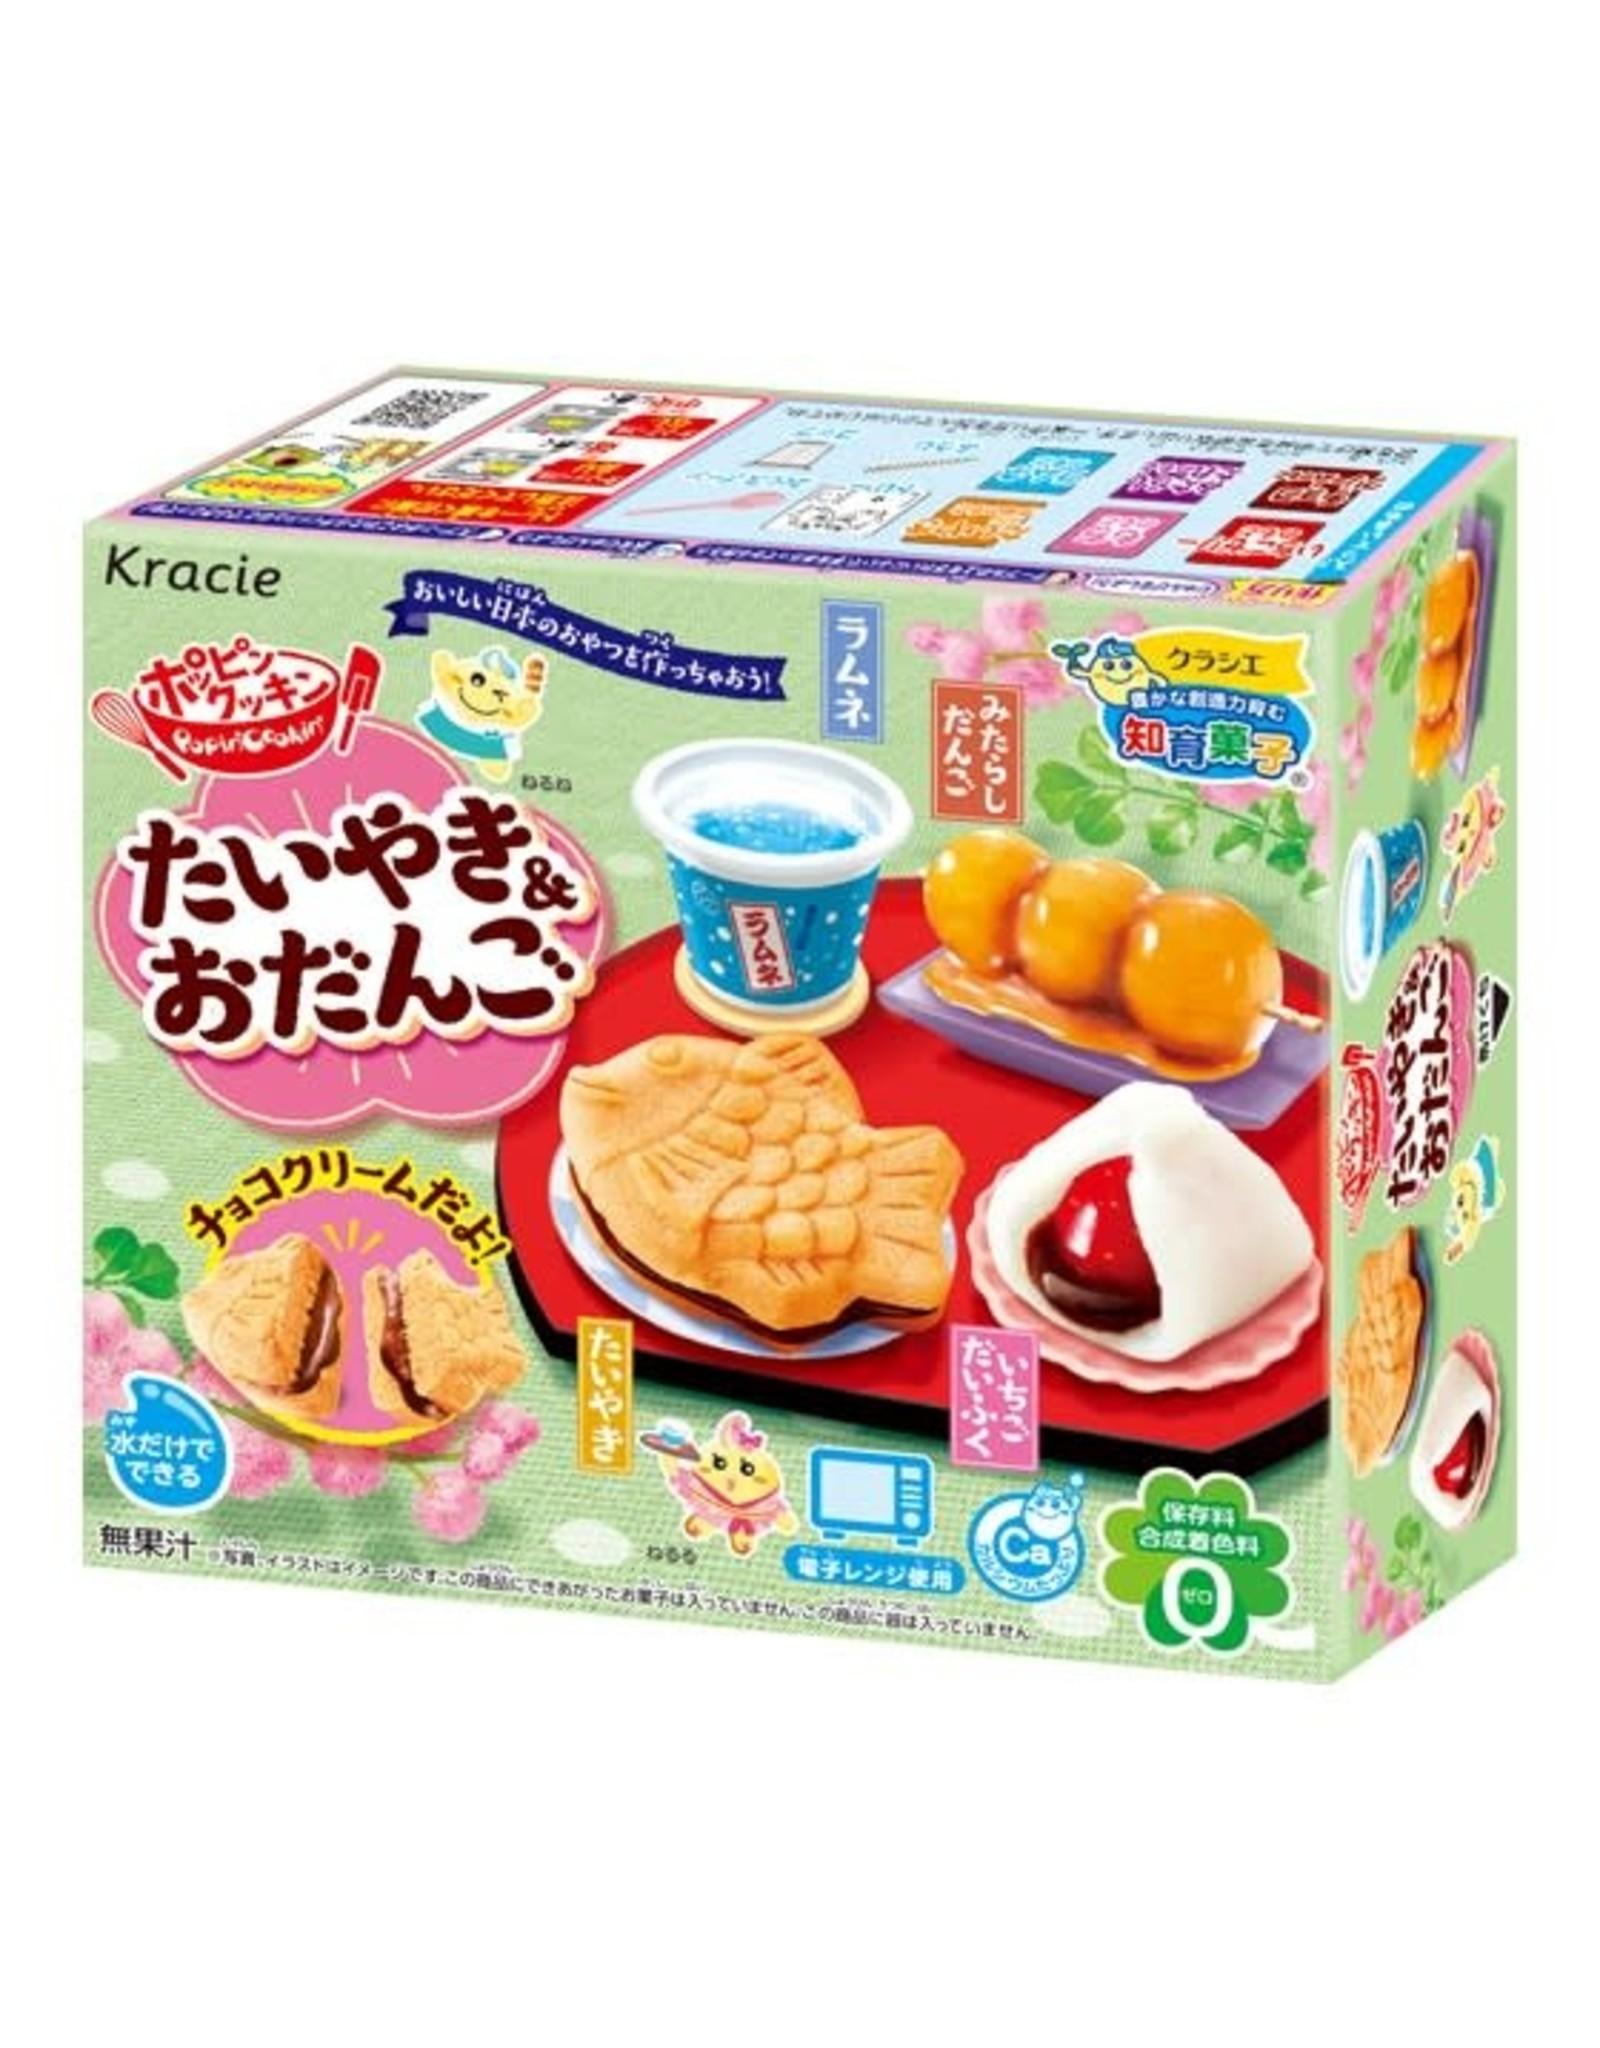 DIY Candy - Popin' Cookin' Taiyaki & Odango